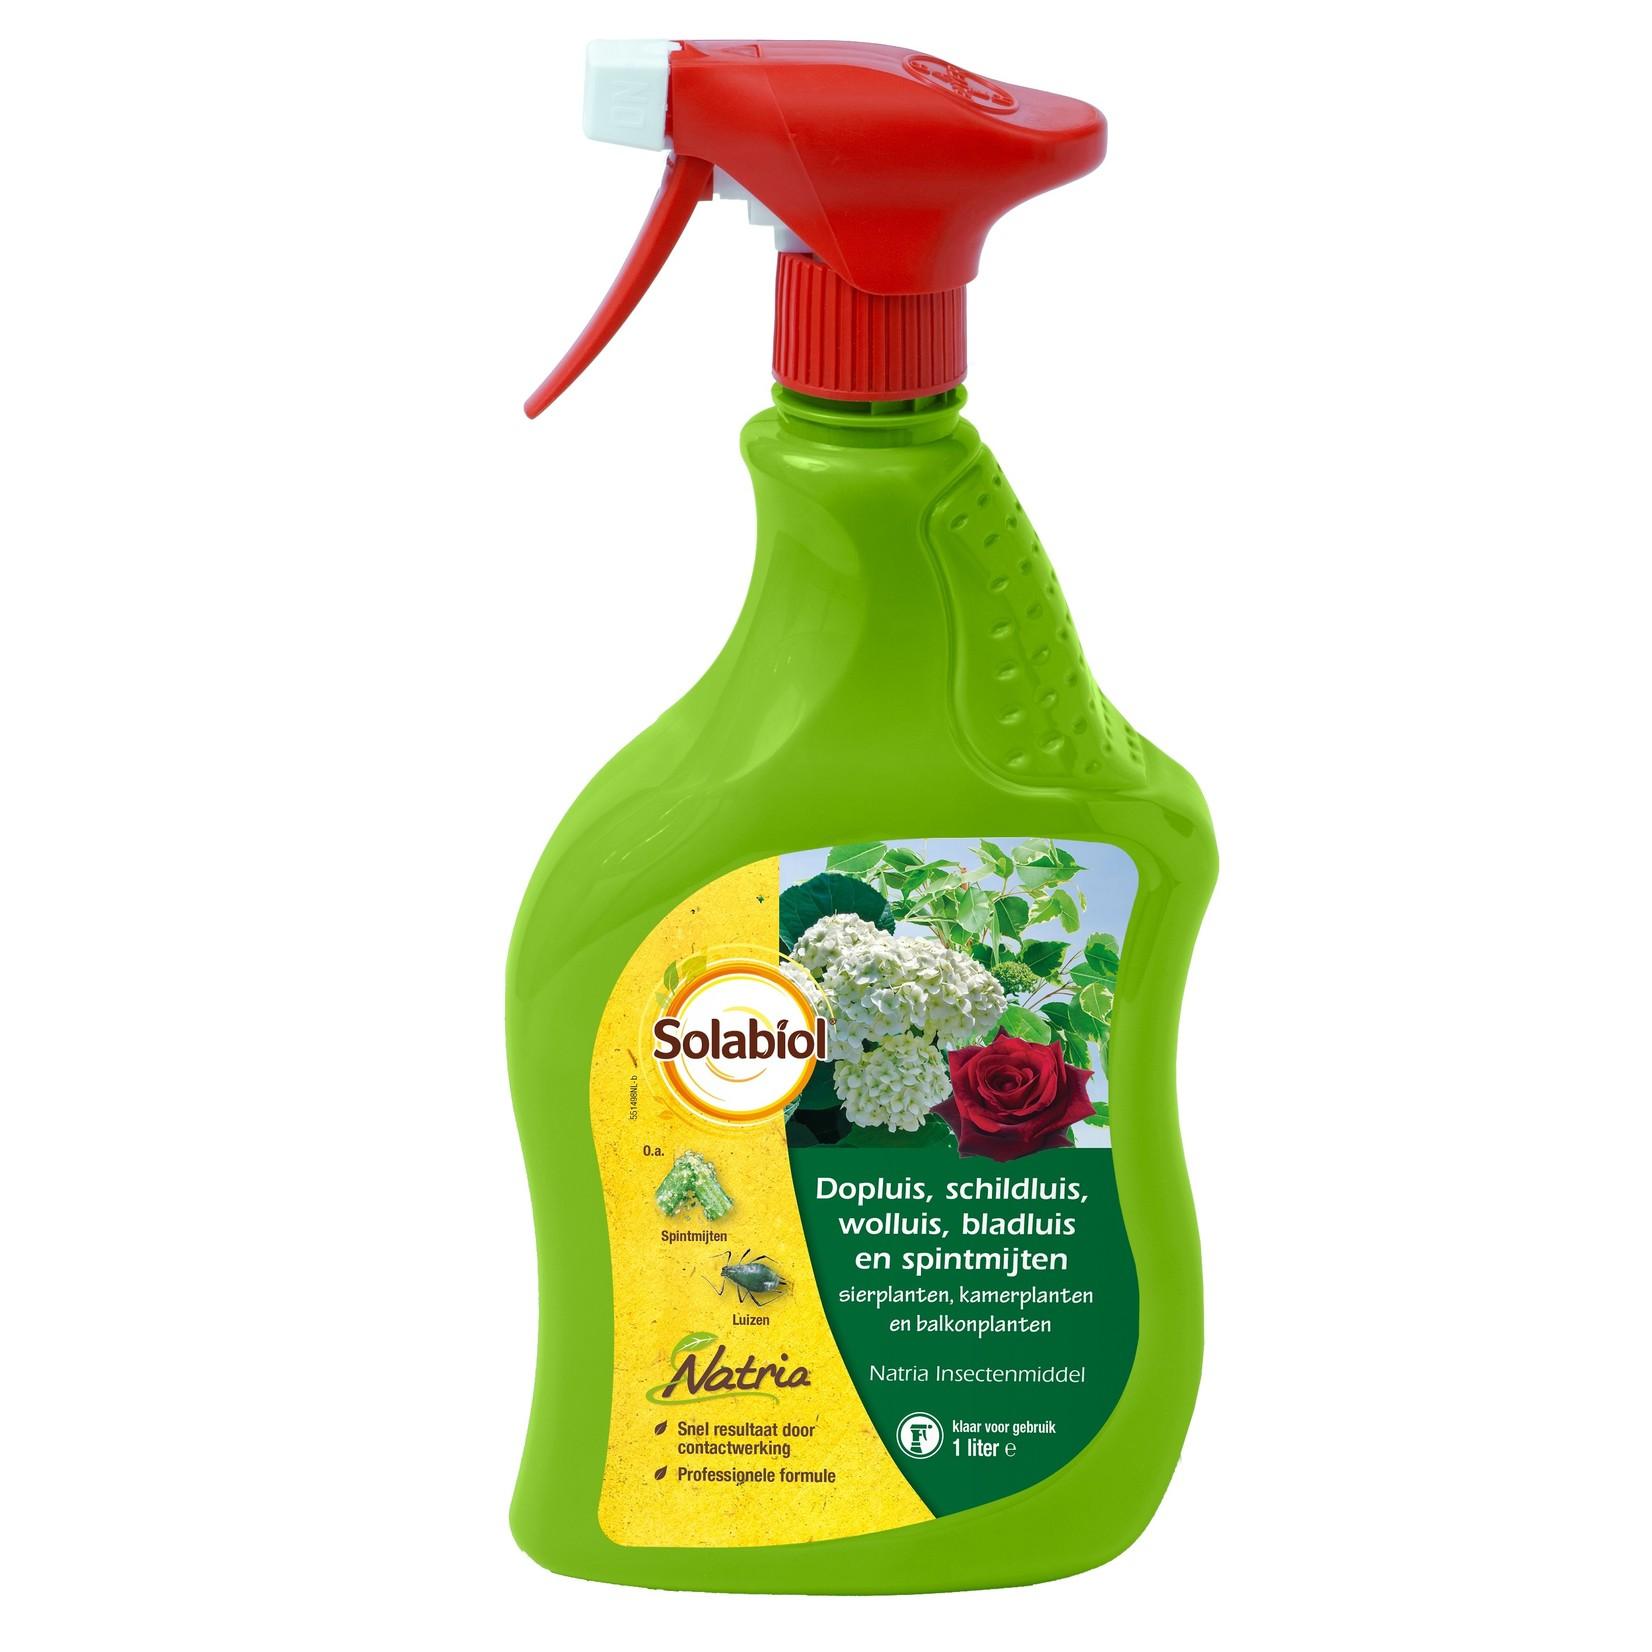 Solabiol Natria Insectenmiddel 1 liter (gebruiksklaar)